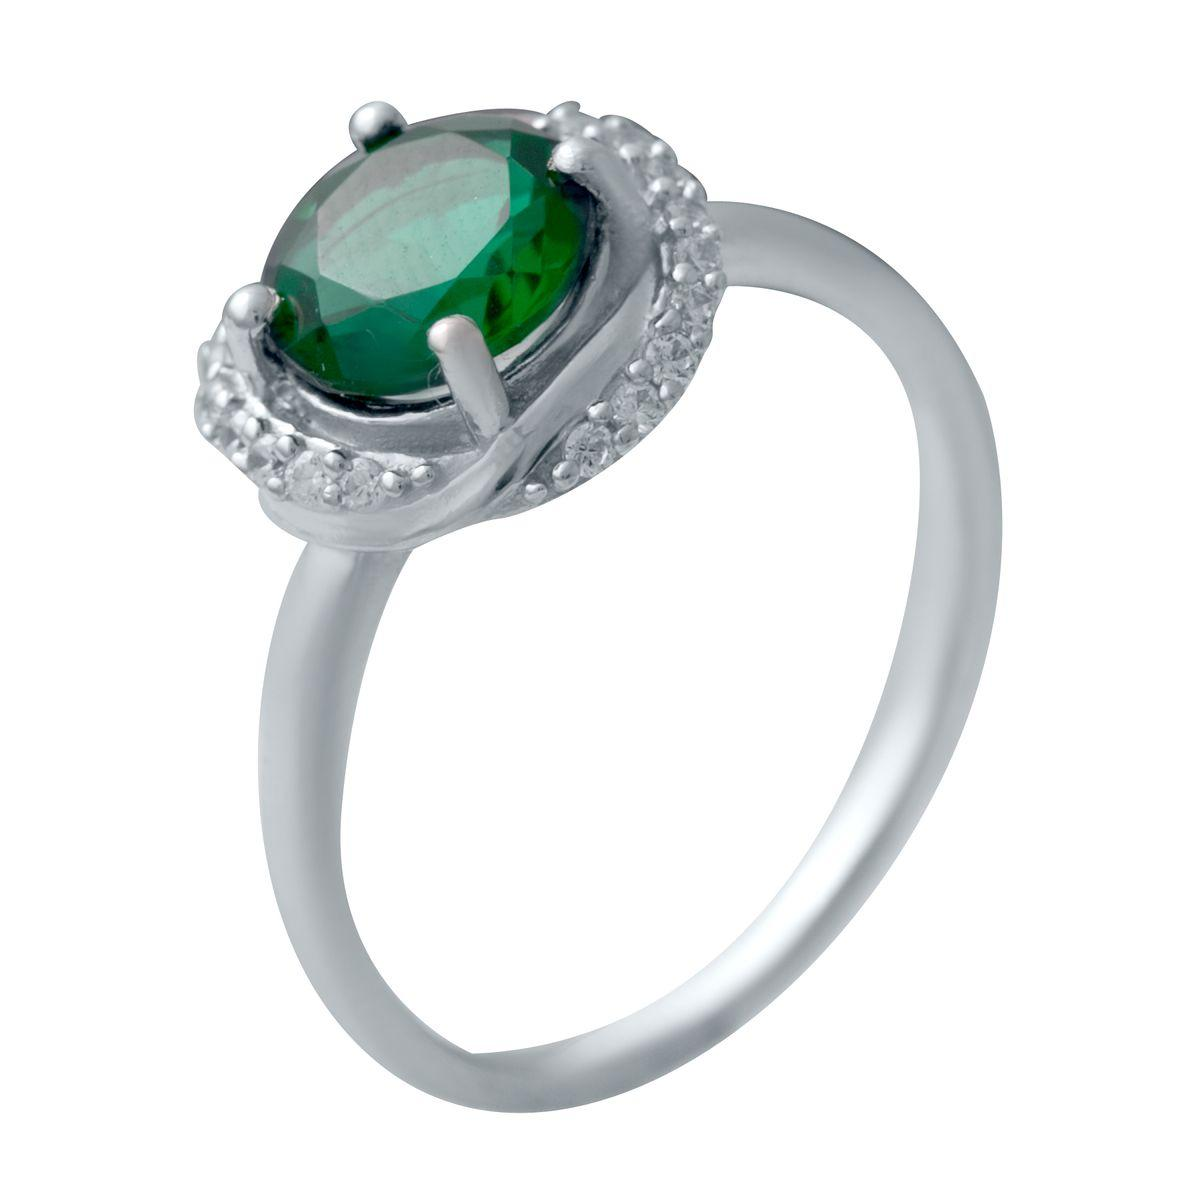 Серебряное кольцо DreamJewelry с изумрудом nano 1.208ct (2034179) 18 размер